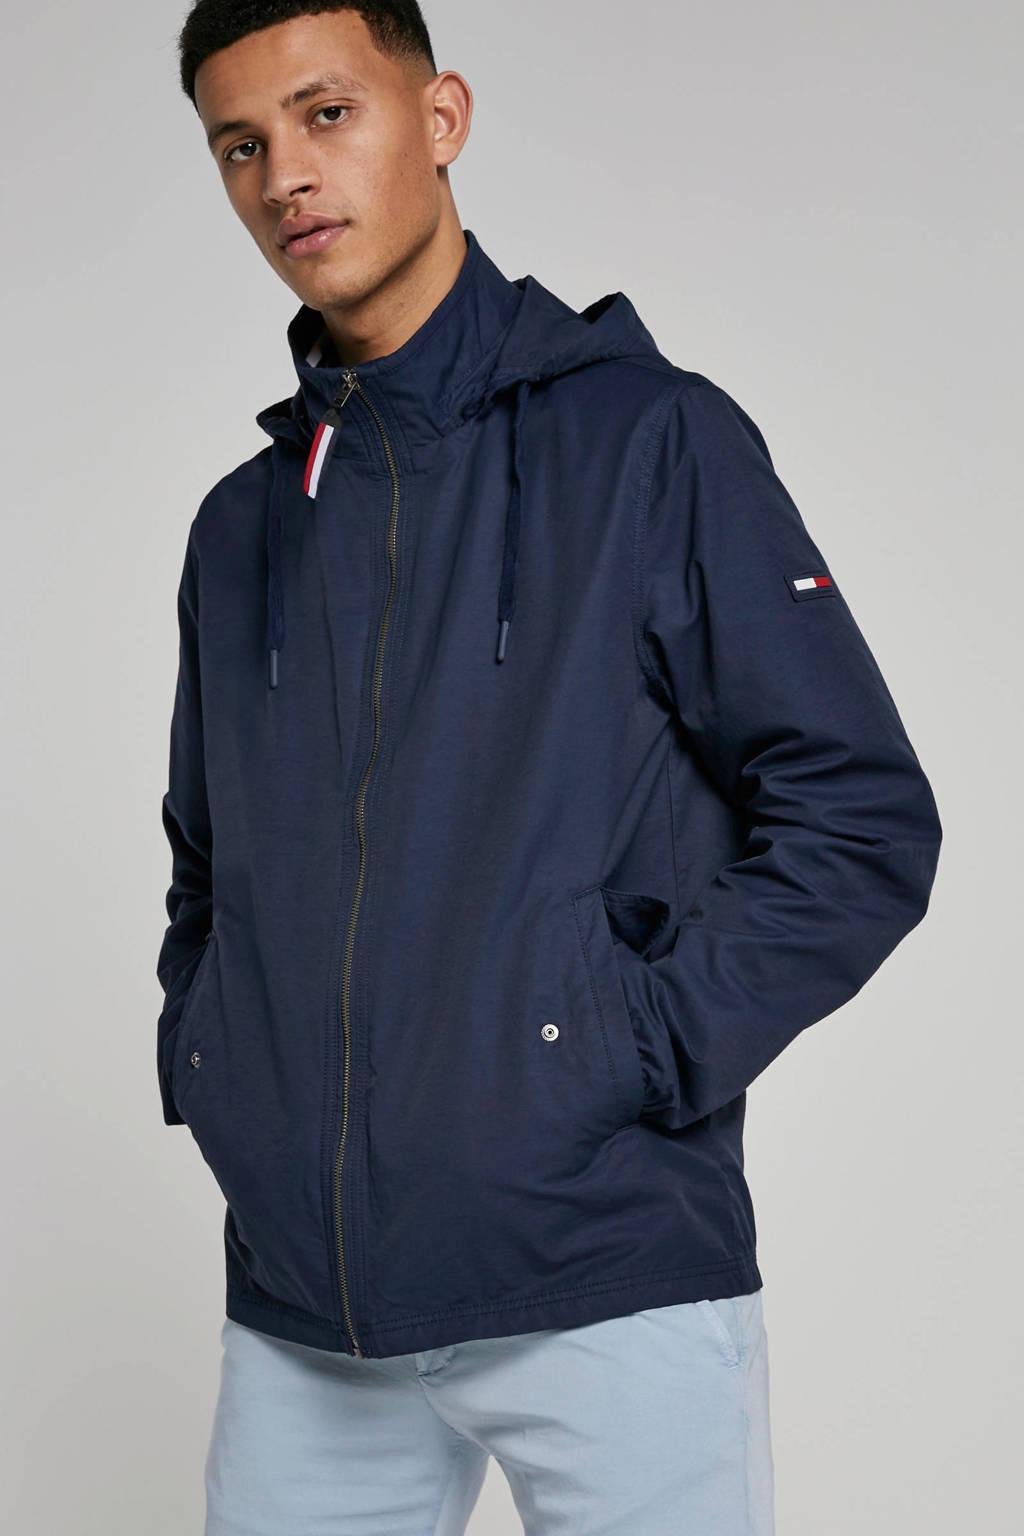 Tommy Hilfiger jas met capuchon donkerblauw, Donkerblauw